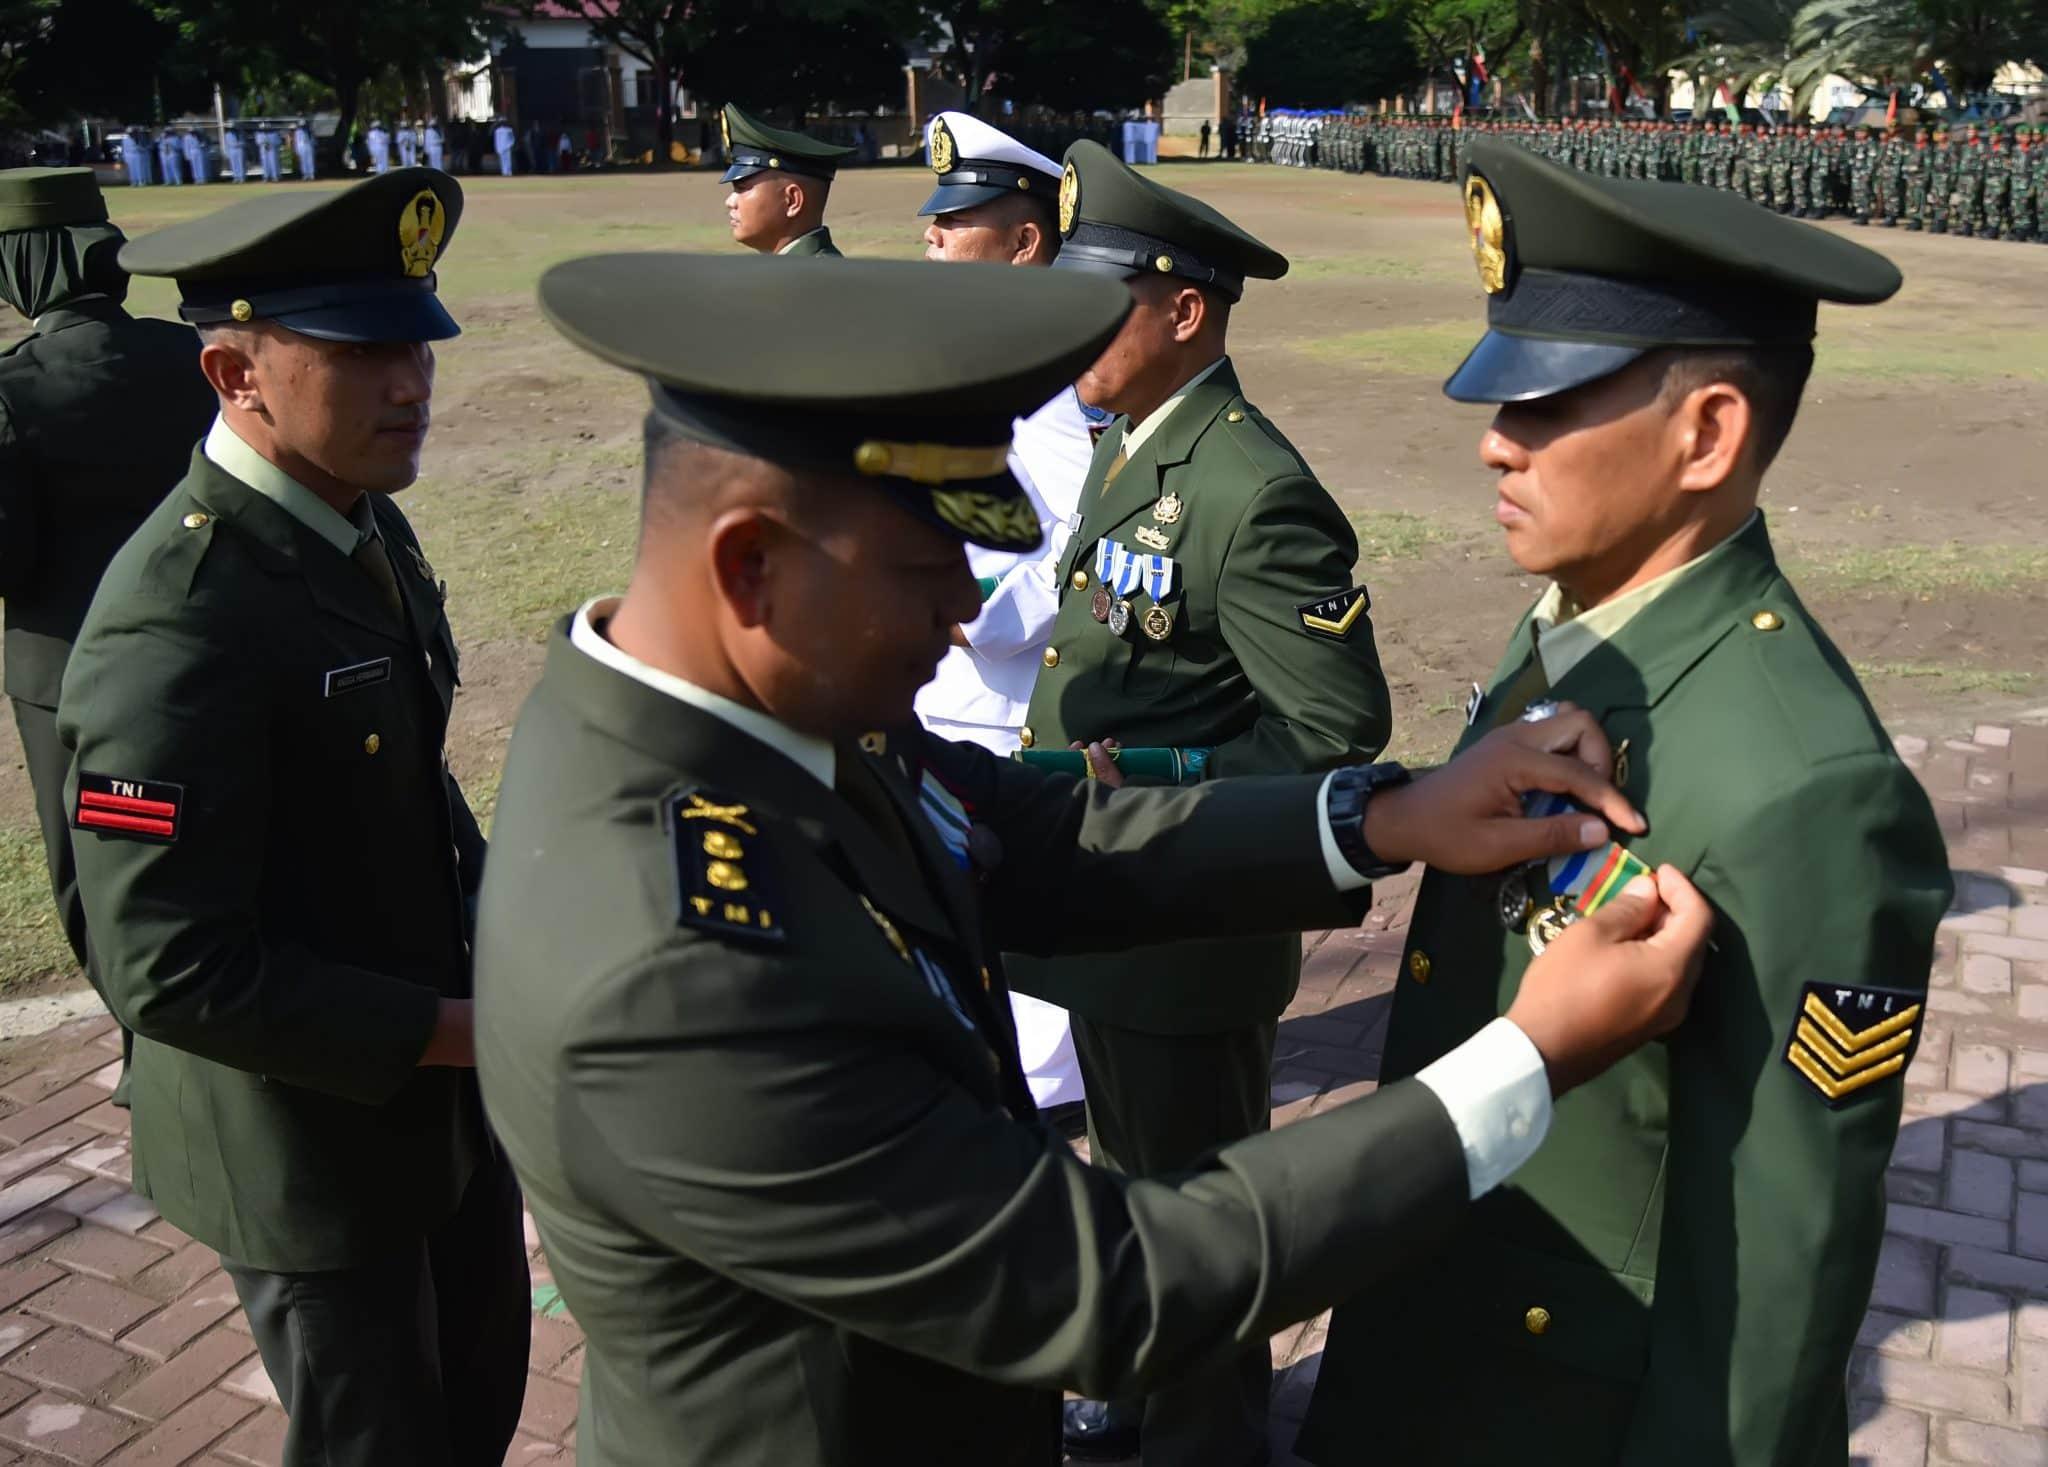 TNI jajaran Korem 011/LW Terima Penghargaan dari Presiden.